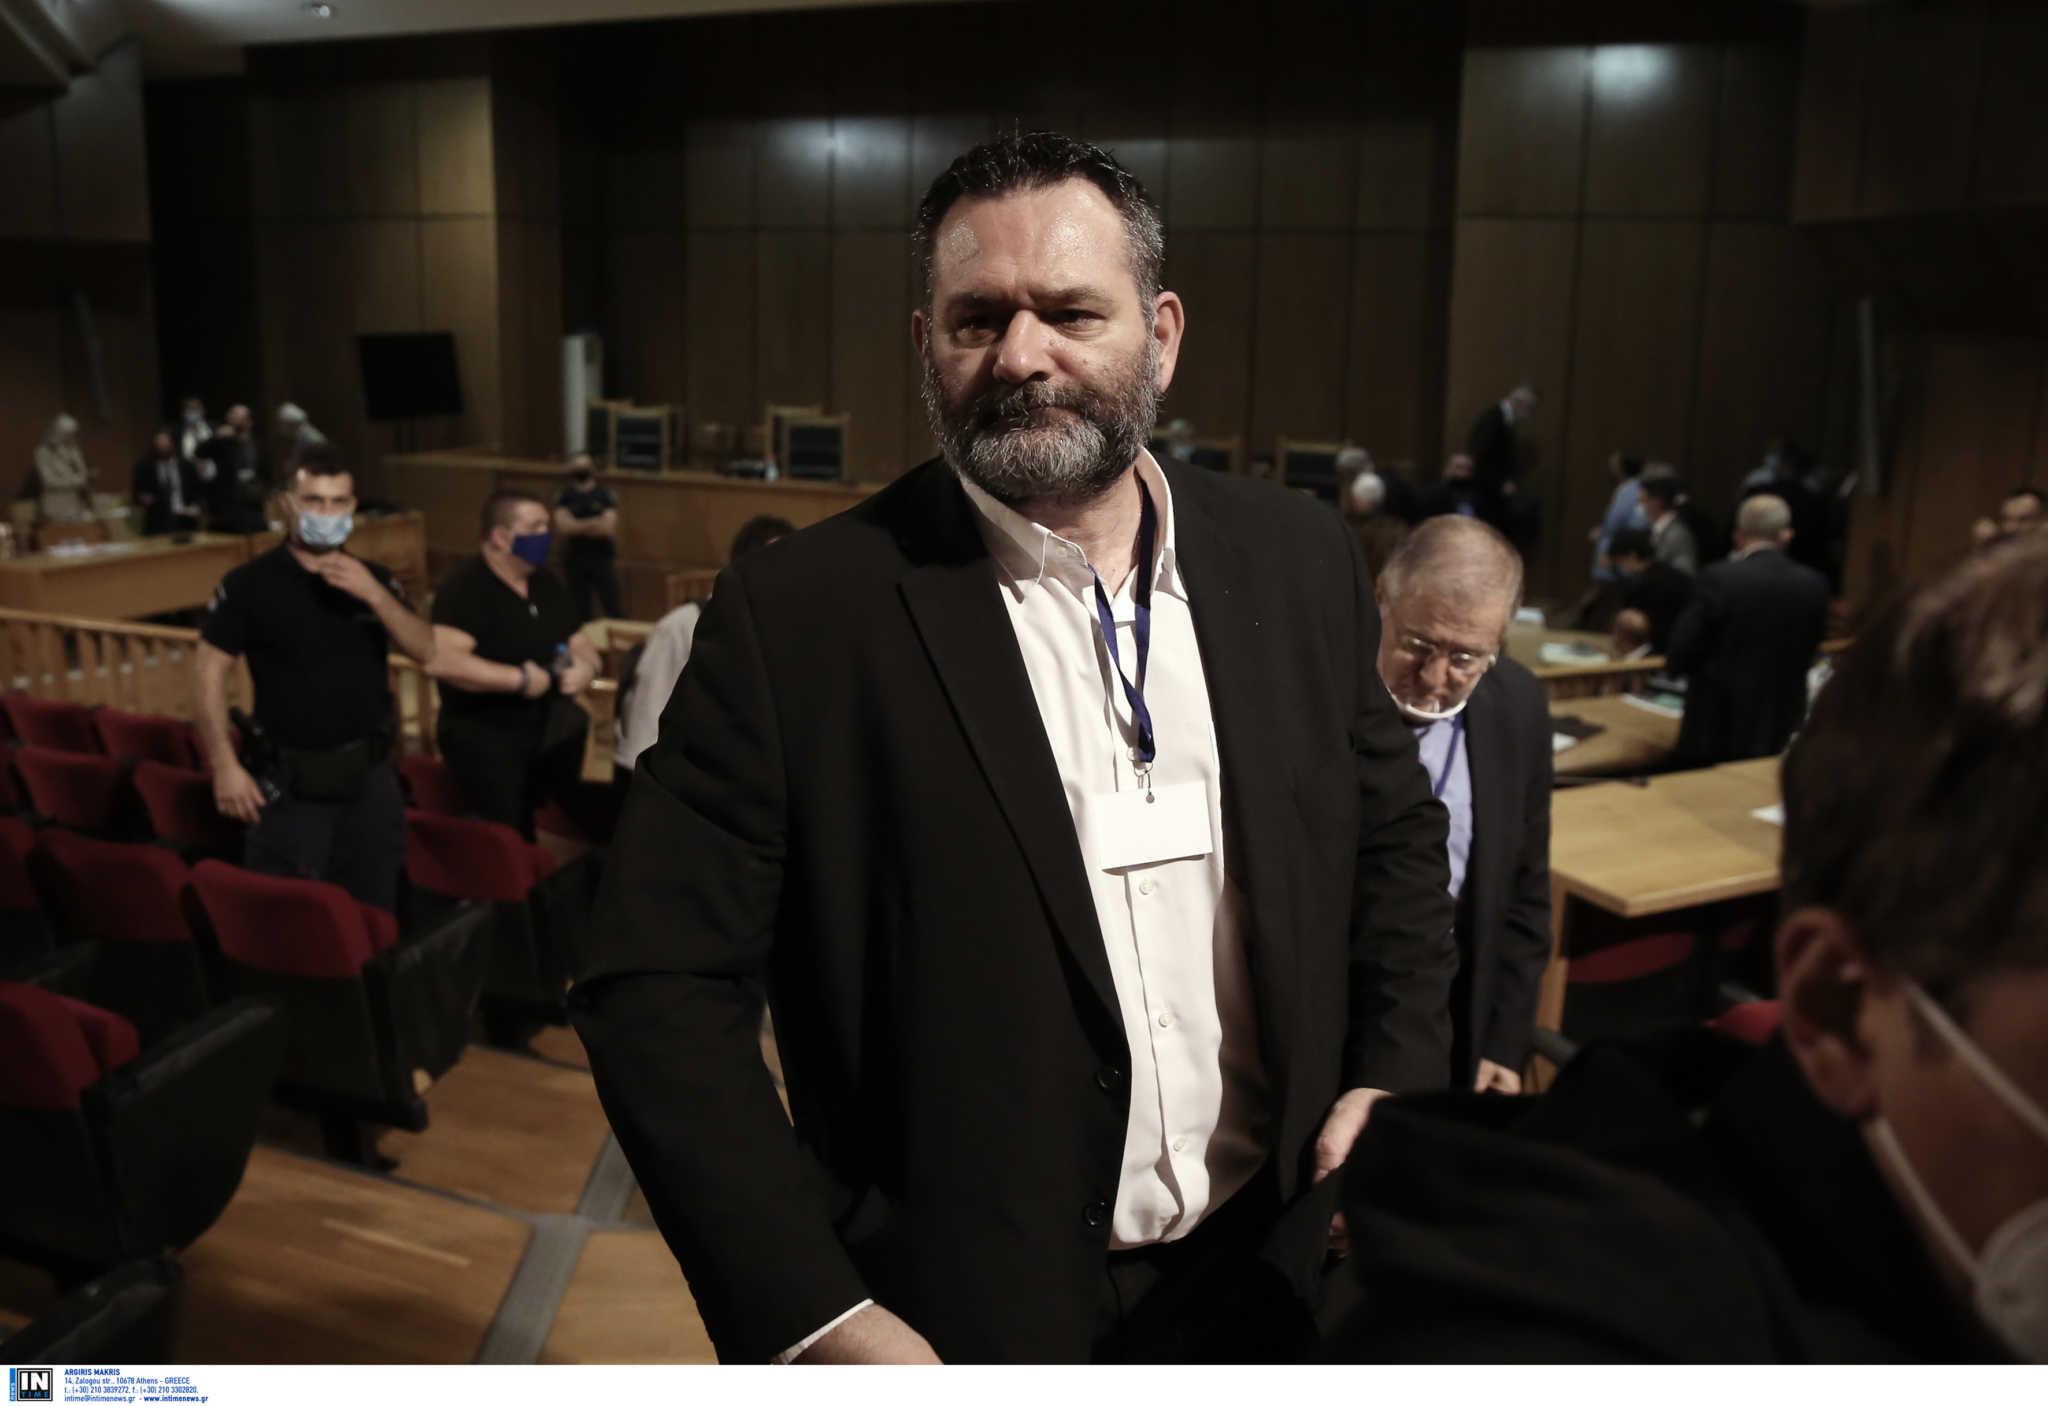 Γιάννης Λαγός: Δεν άσκησε έφεση – Οριστική η έκδοση στην Ελλάδα